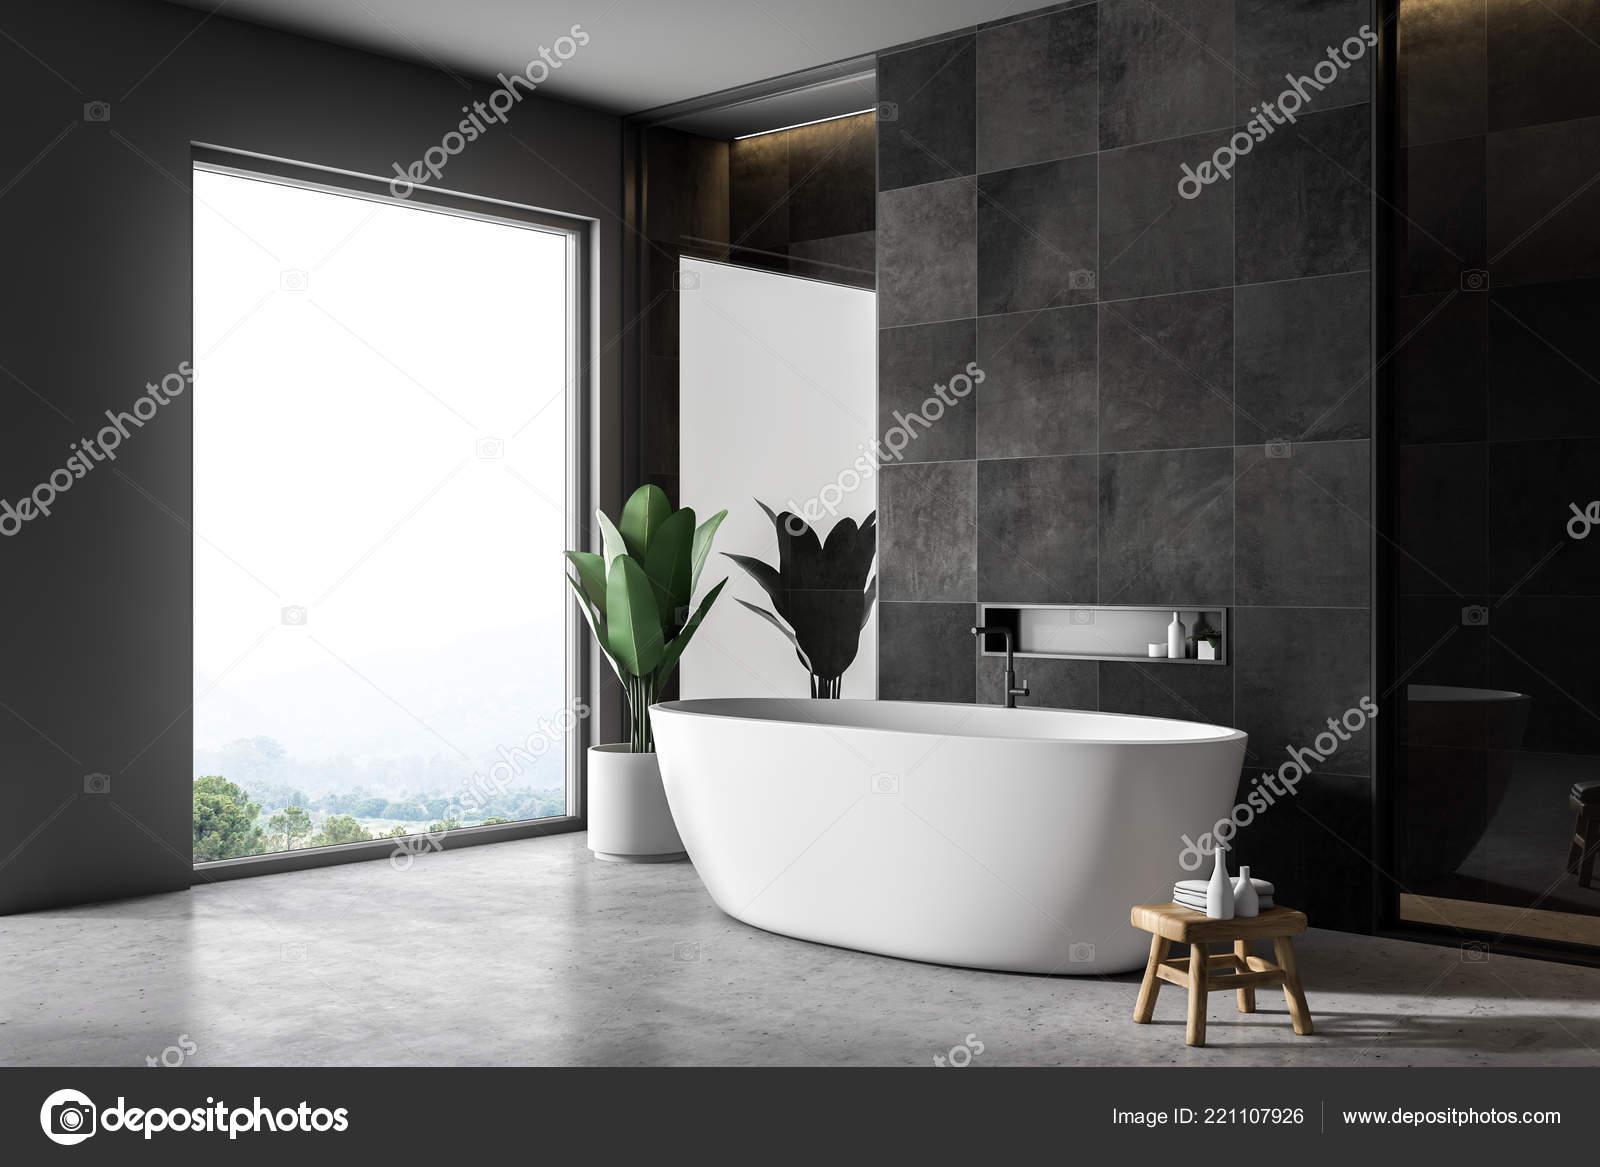 Bagni Piastrelle Nere : Interno del bagno moderno con piastrelle nere pareti pavimento